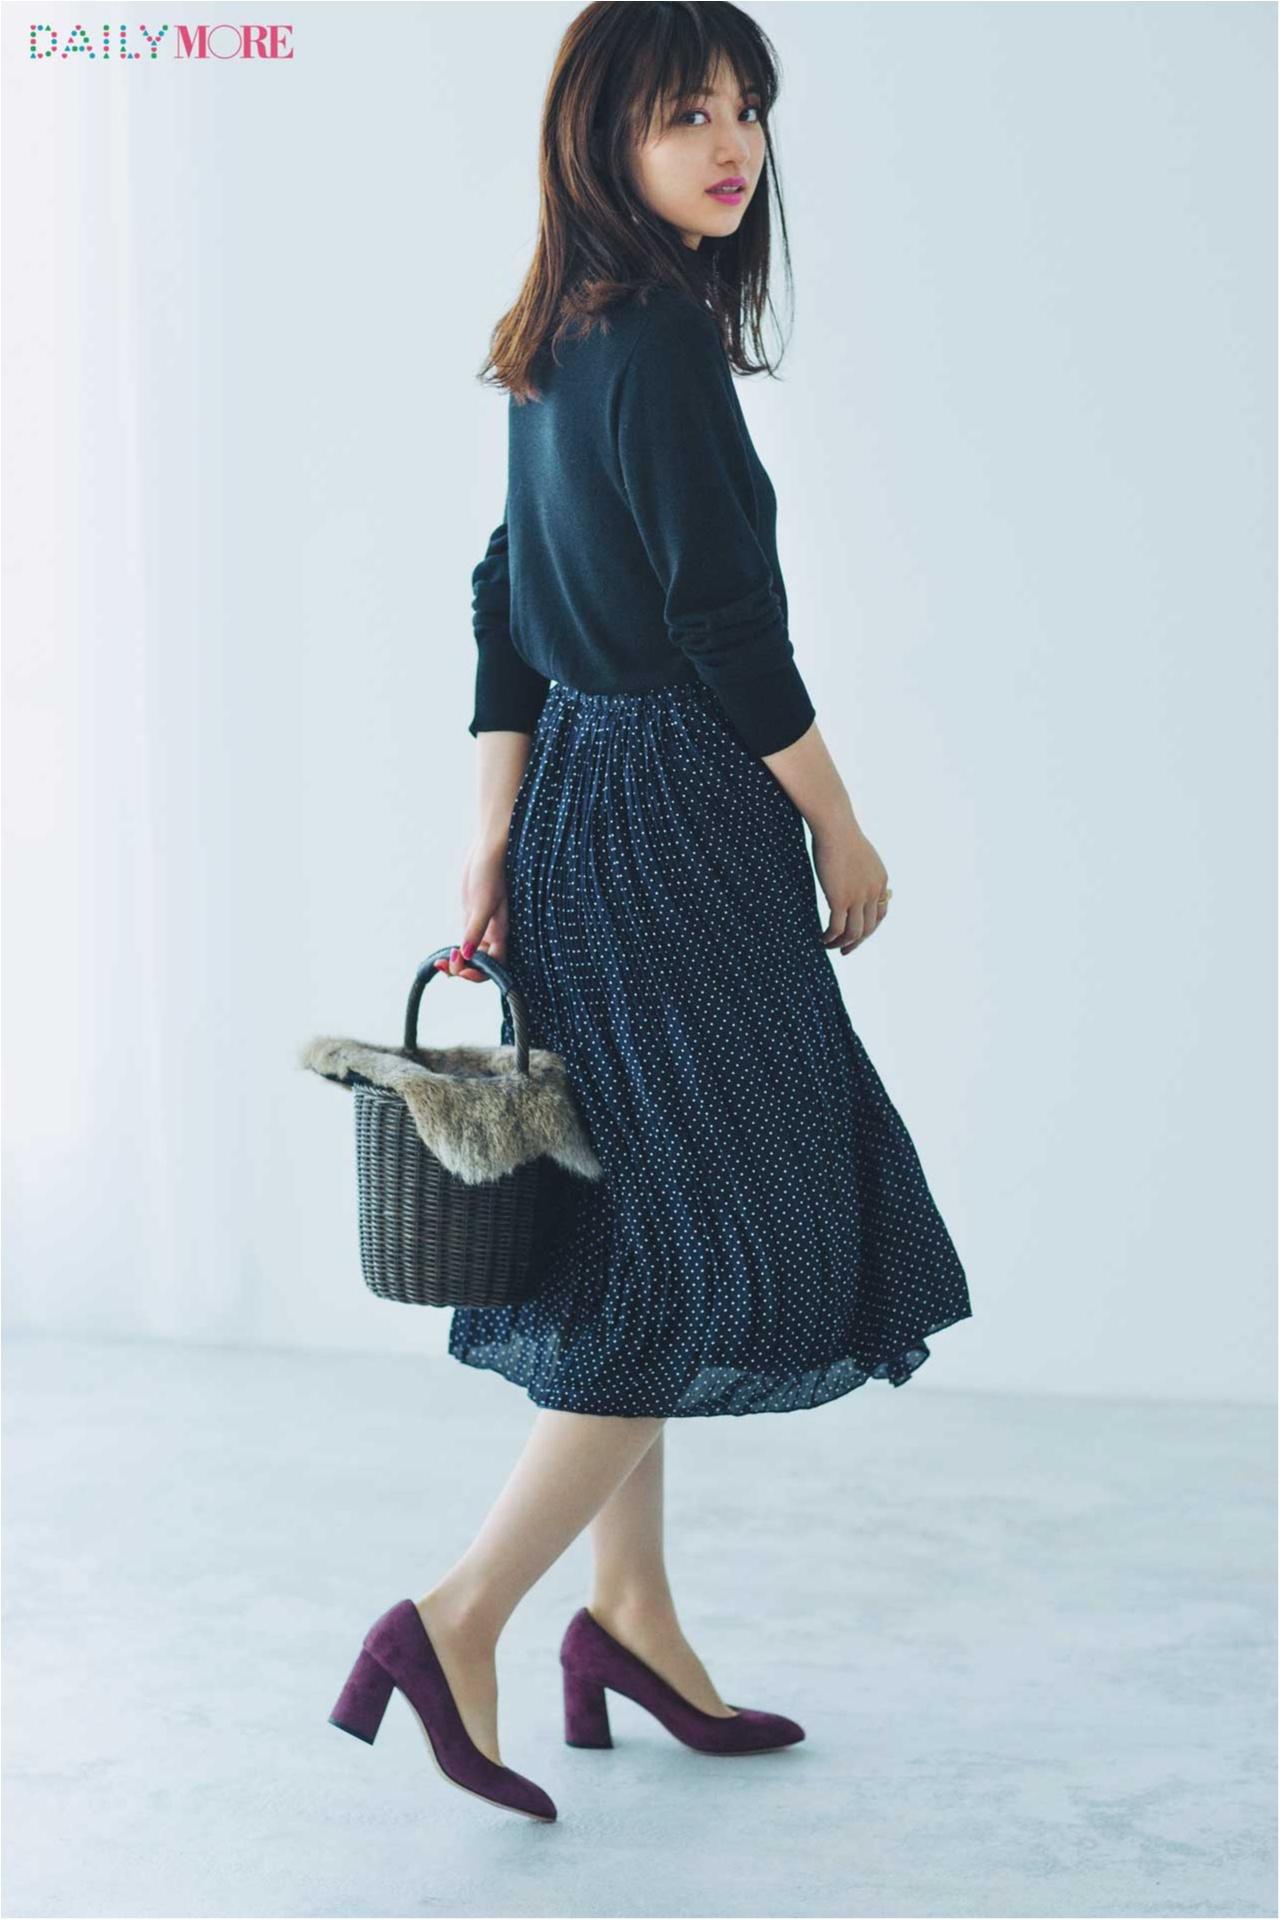 【公式通販GETMORE!】履くだけで見た目マイナス3kg! 『Flowerdays』のプリーツスカートなら、360度自信が持てる!_1_1